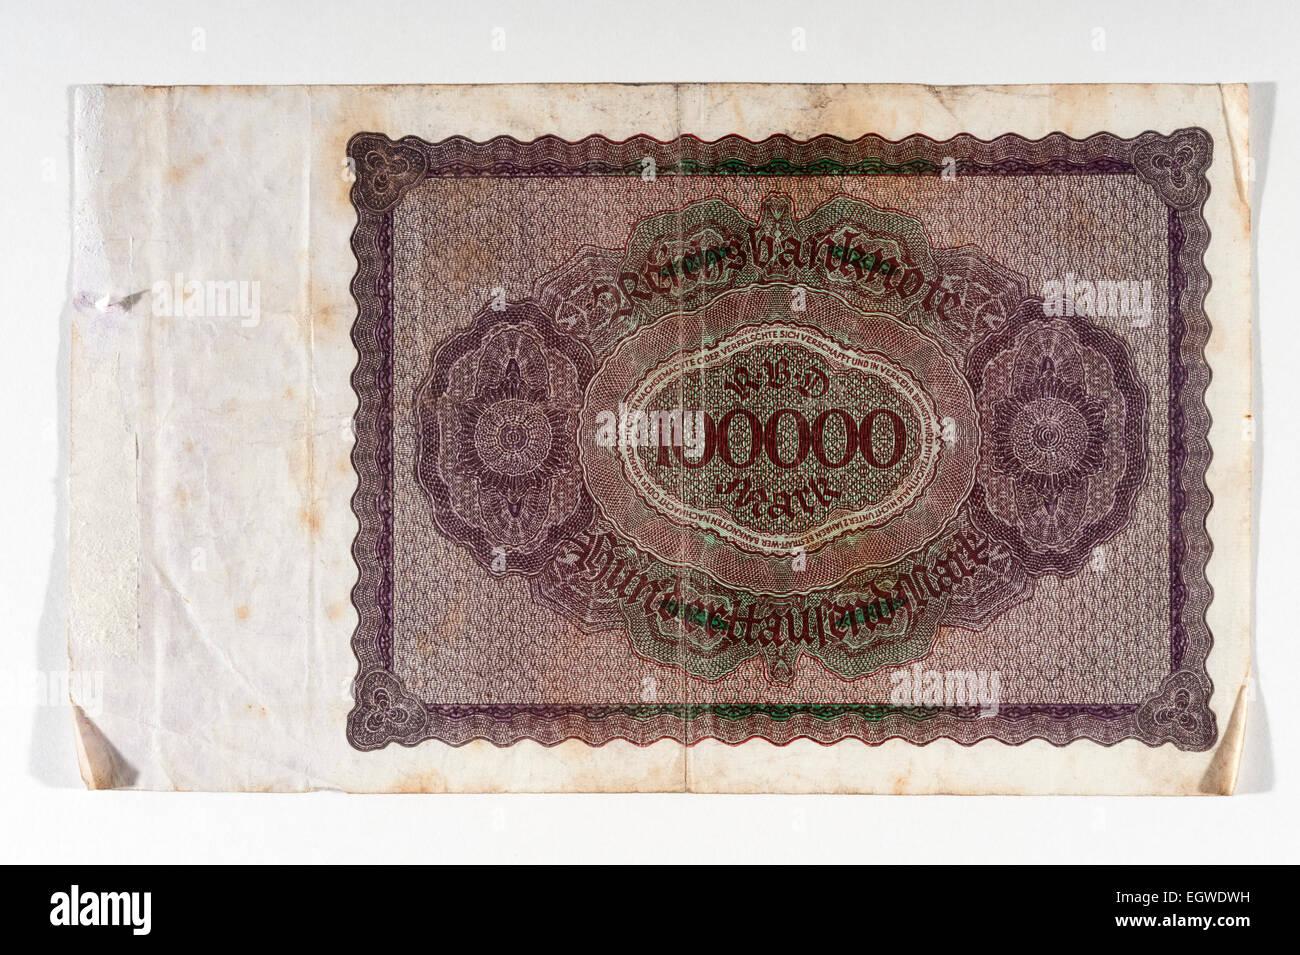 germany inflation 1923 stockfotos germany inflation 1923 bilder alamy. Black Bedroom Furniture Sets. Home Design Ideas